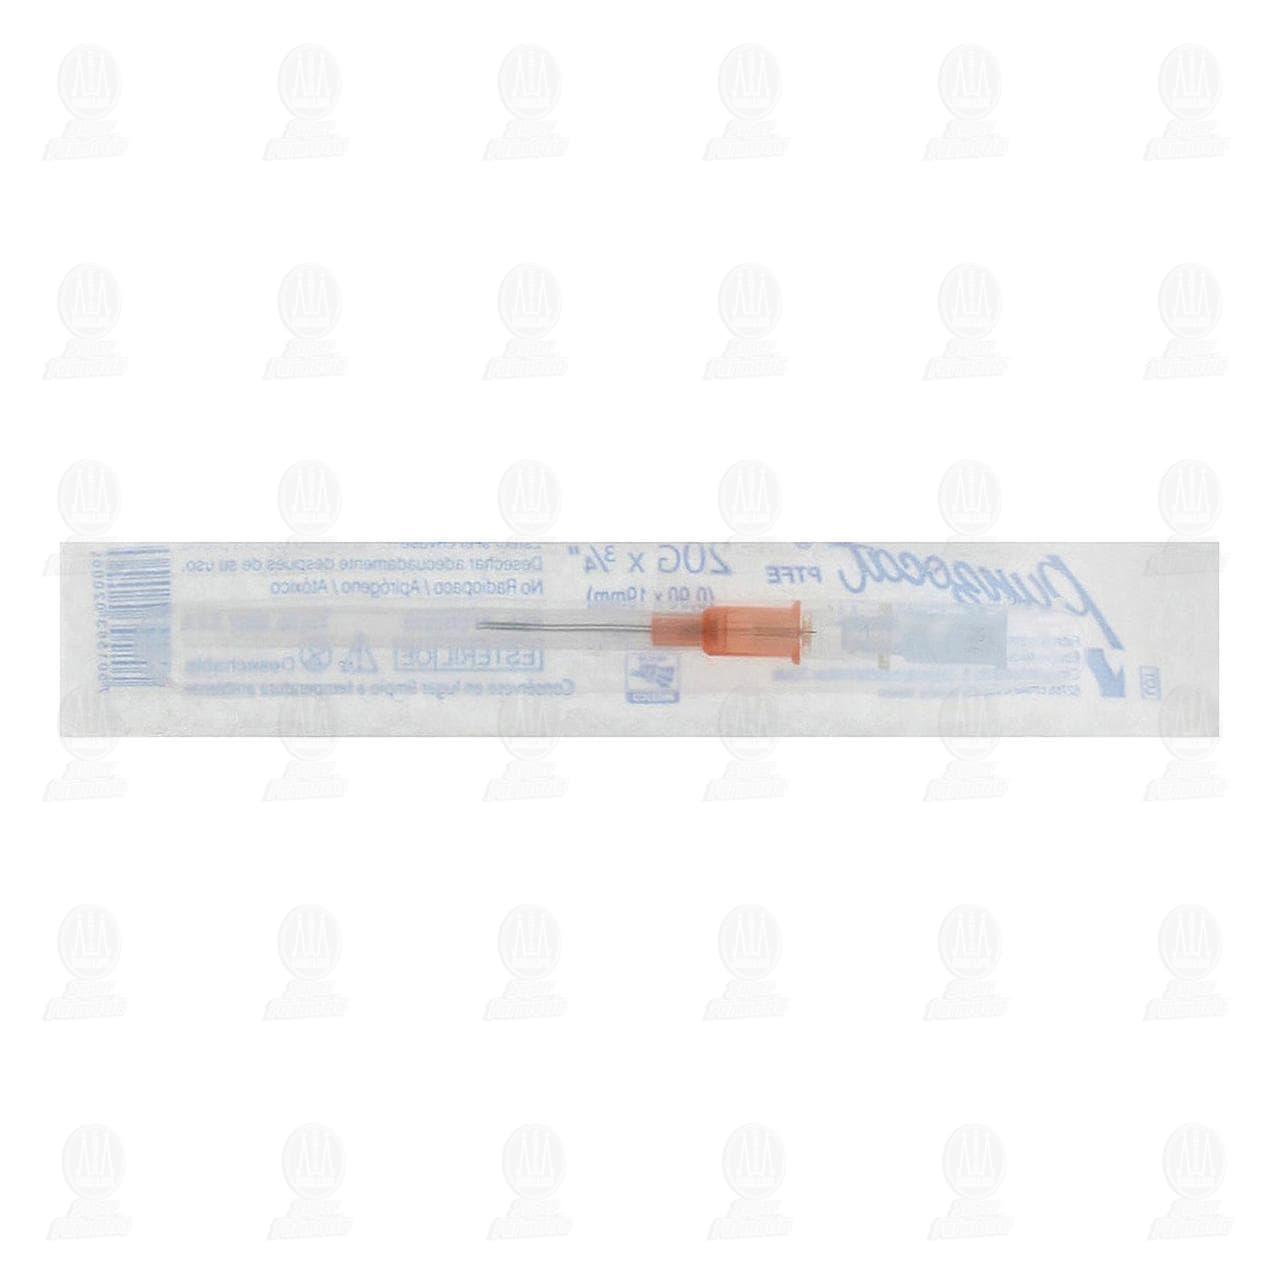 Comprar Catéter Punzocat Calibre (20 G) 1pz en Farmacias Guadalajara